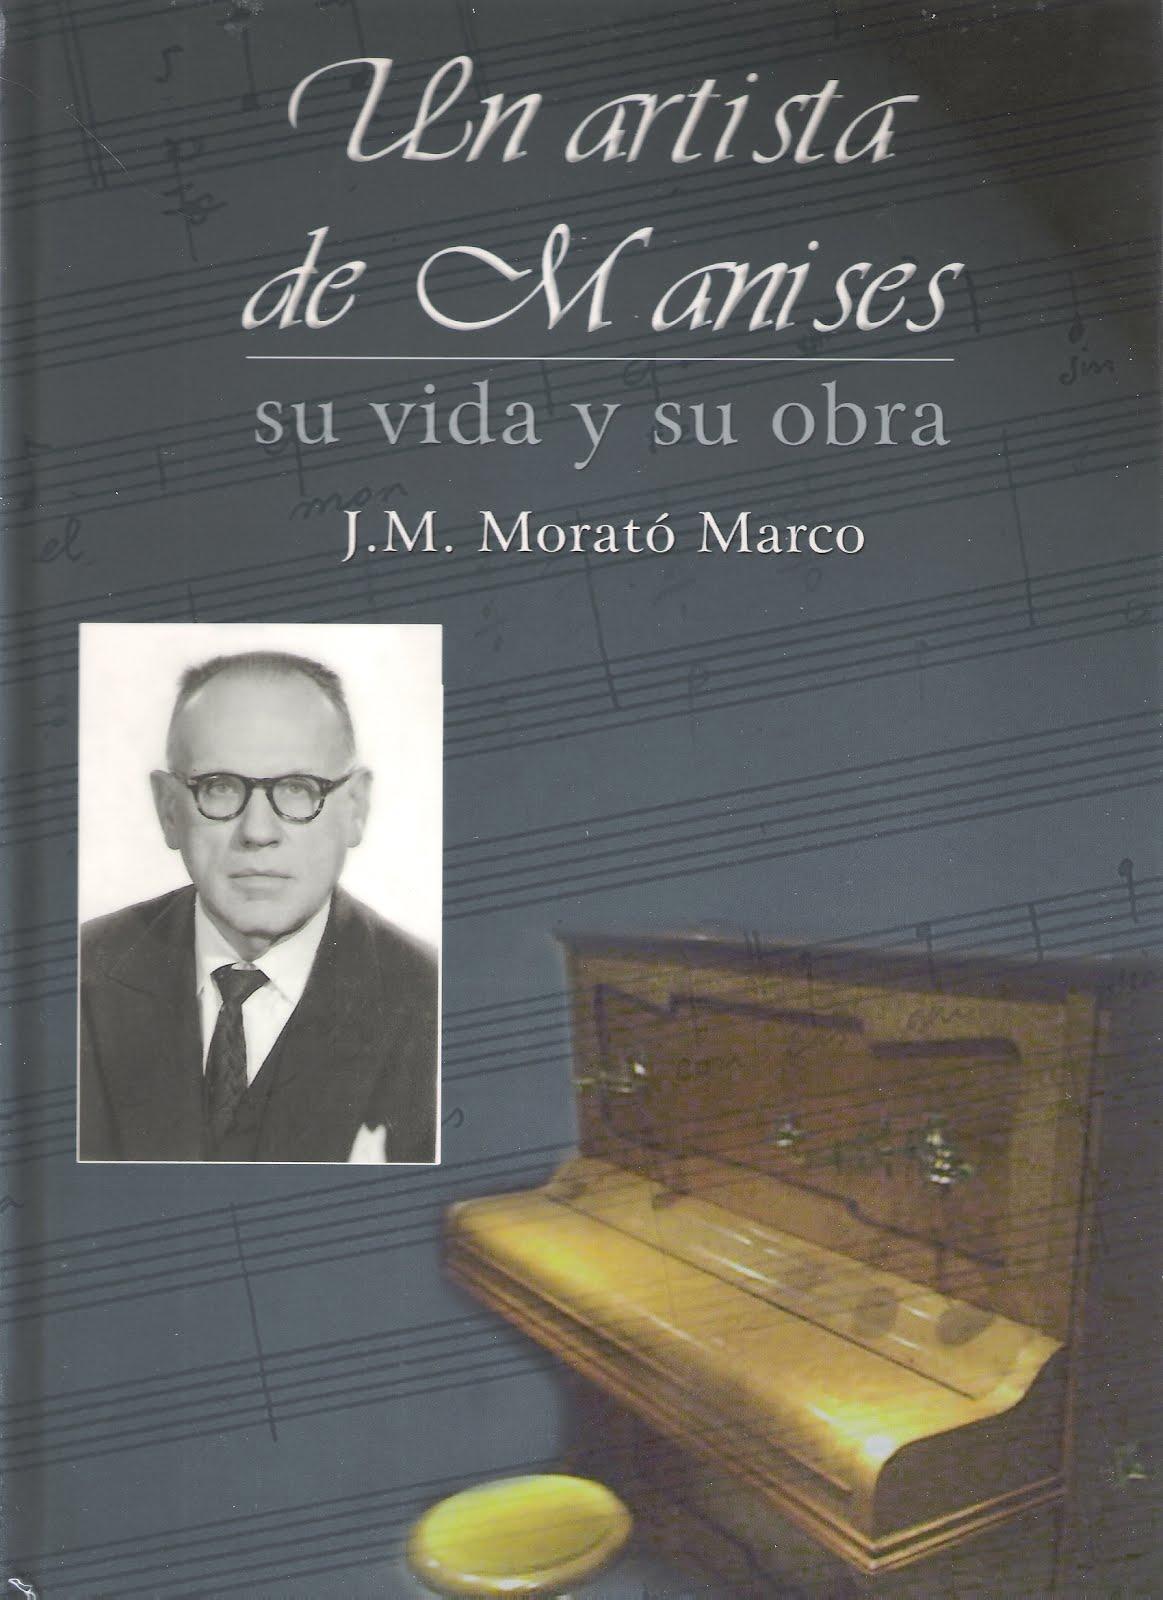 06.04.17 MANISERO ILUSTRE: JOSÉ MARÍA MORATÓ MARCO (MÚSICO-COMPOSITOR).